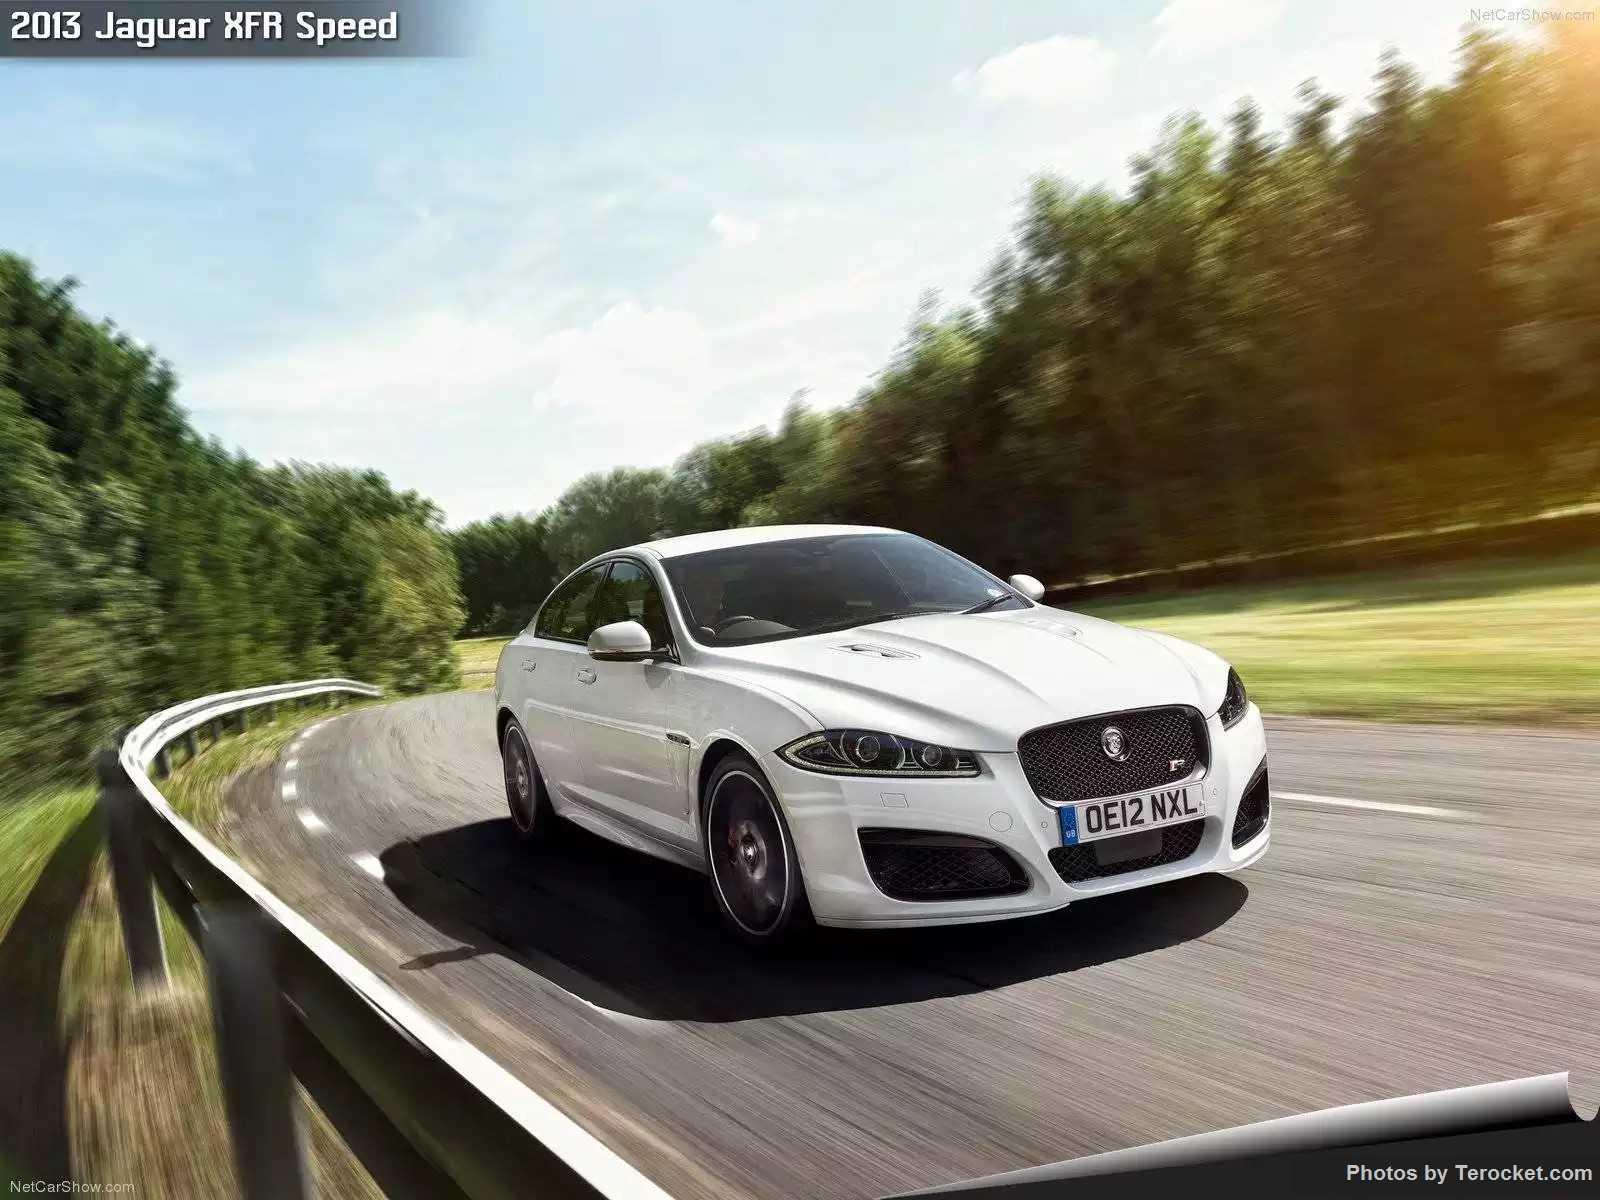 Hình ảnh xe ô tô Jaguar XFR Speed 2013 & nội ngoại thất